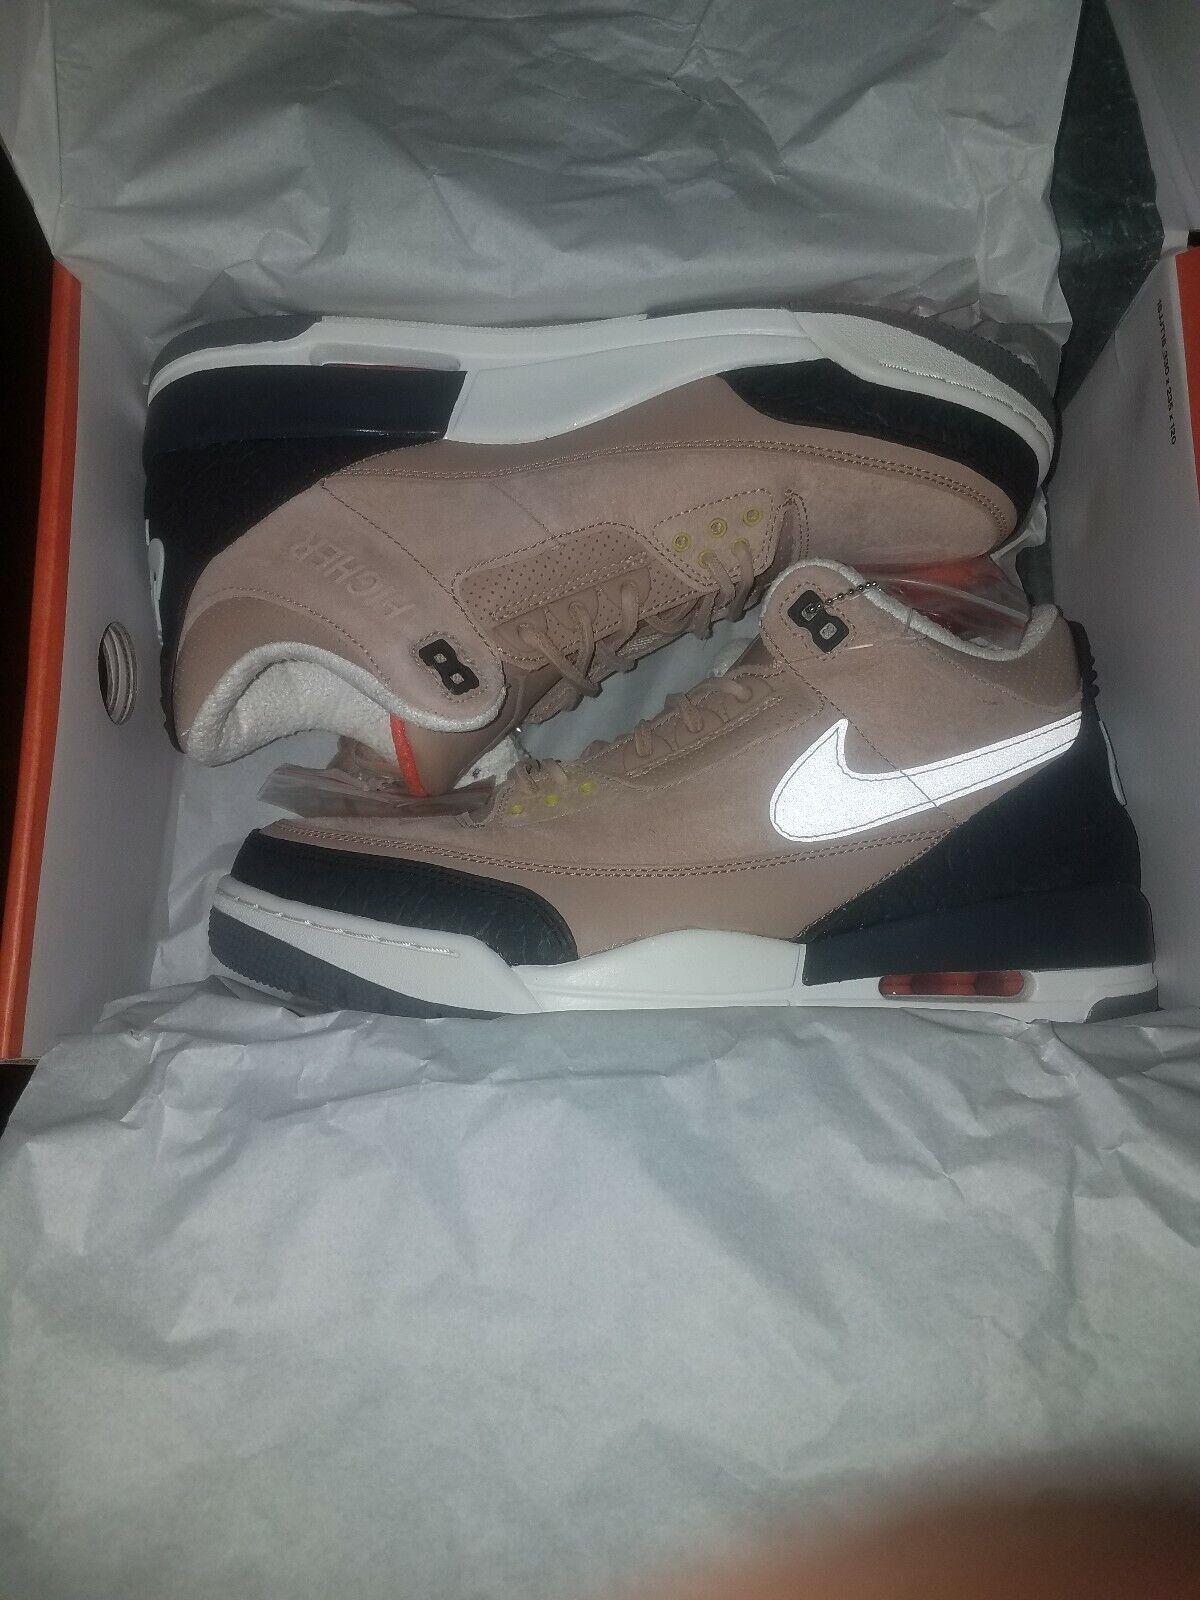 Nike Air Jordan 3 JTH 'Bio Beige' Justin Timberlake Men's Size 10